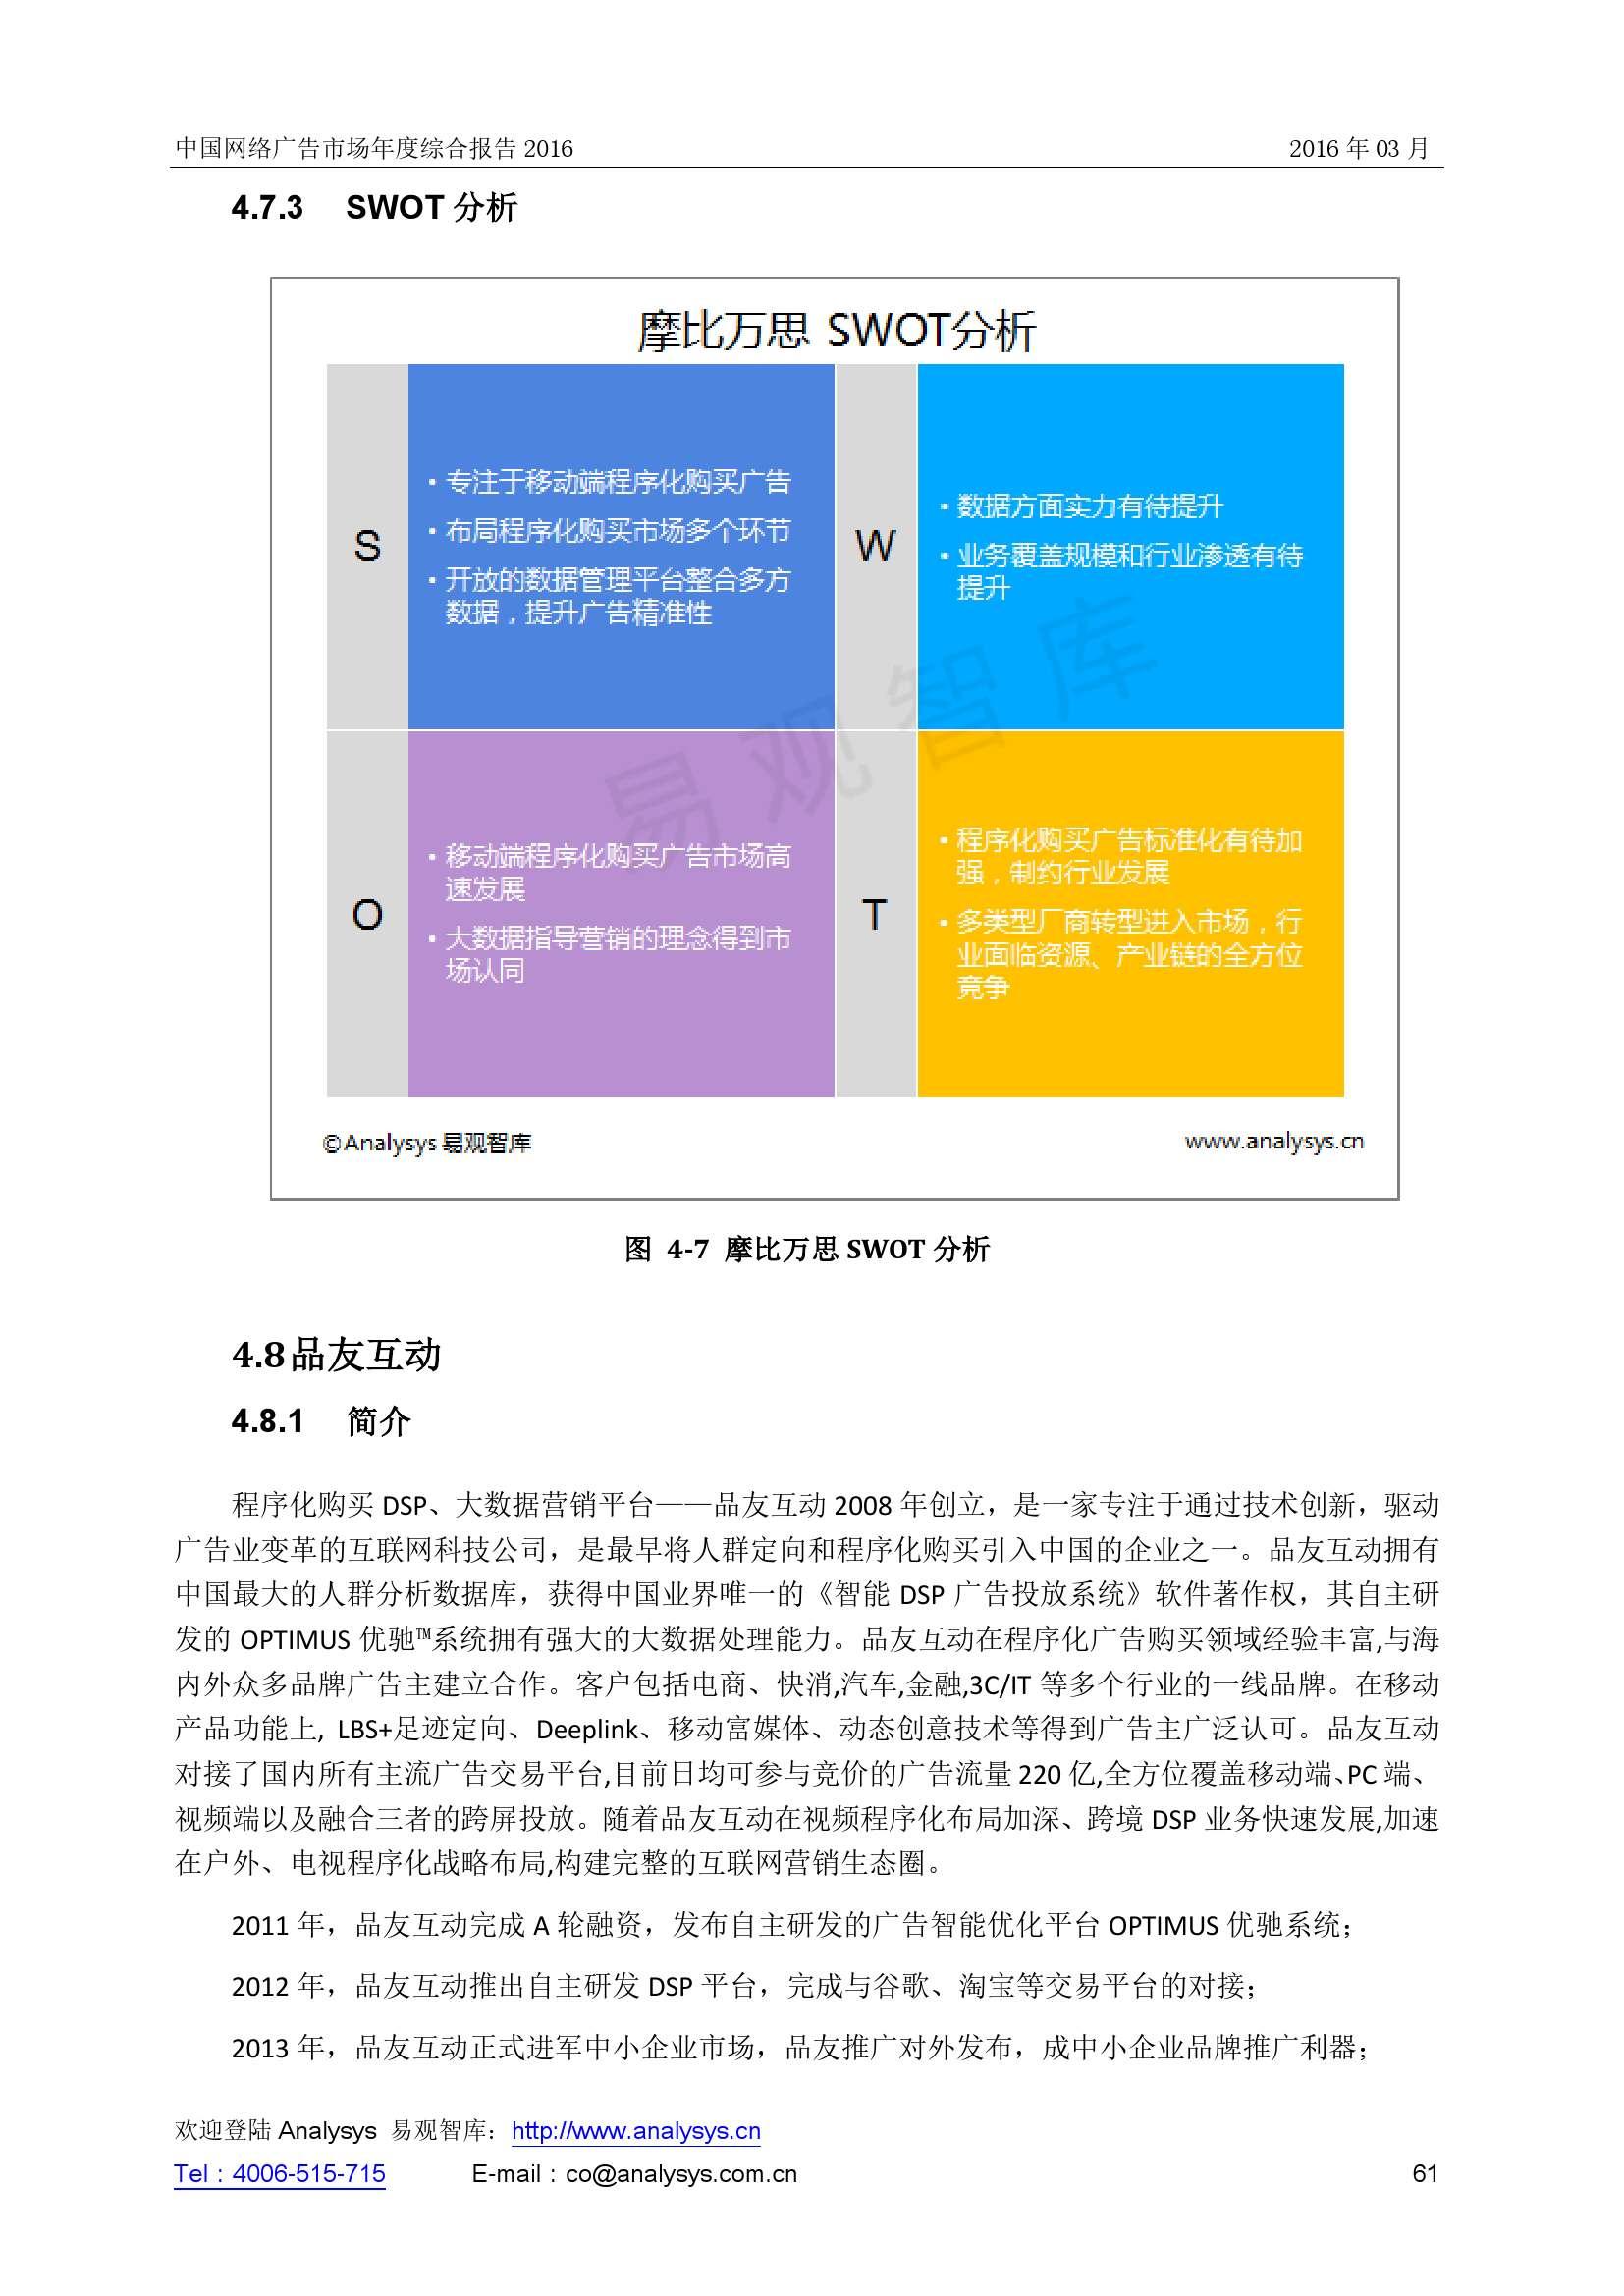 中国网络广告市场年度综合报告2016_000061